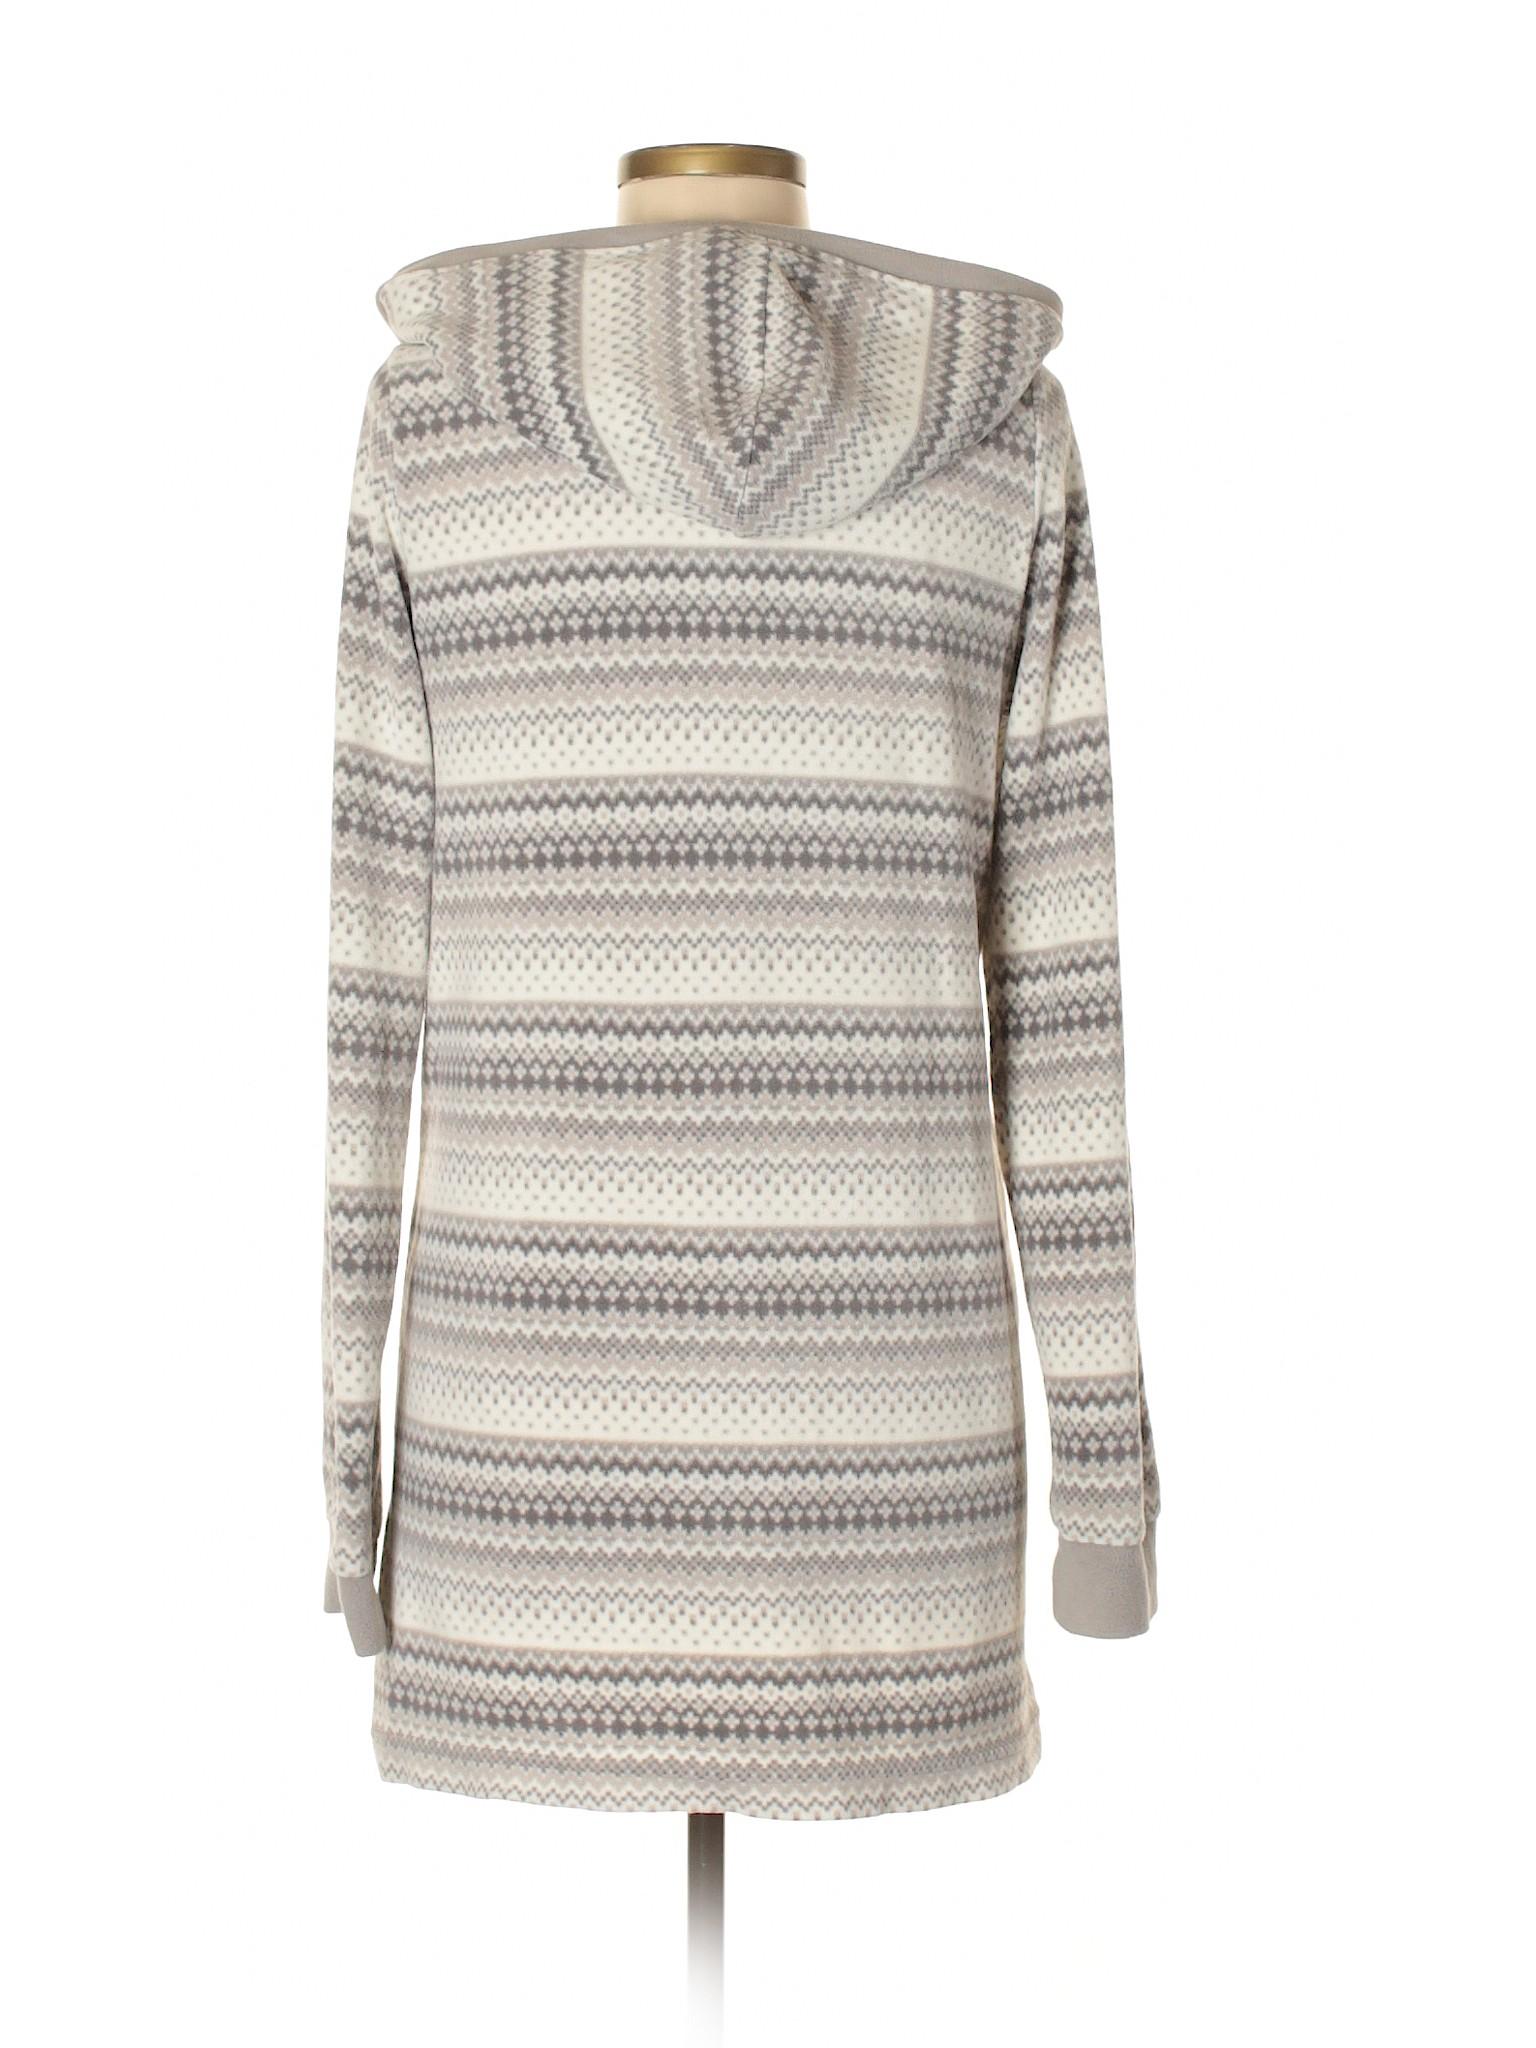 Boutique Casual Uniqlo winter winter Uniqlo Casual Dress Boutique 4wnqapxS5R